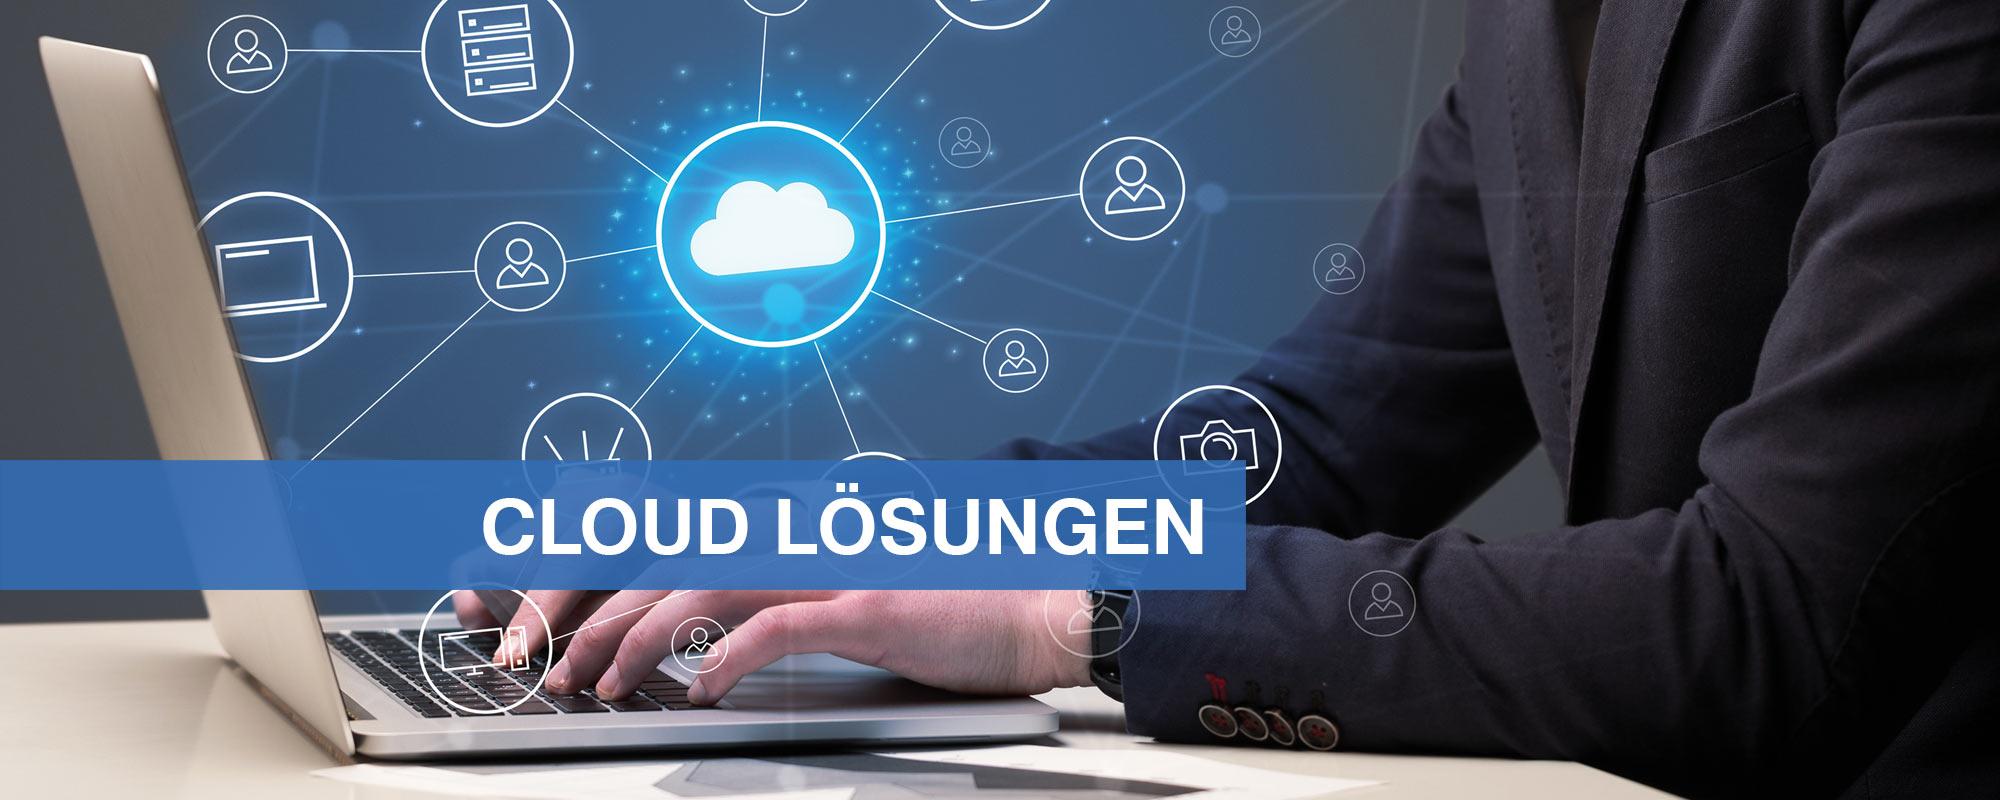 bagala-it-systemhaus-krefeld-duesseldorf-digital-signage-it-sicherheit-hardware-software-netzwerk-webdesign-home-cloud-loesungen